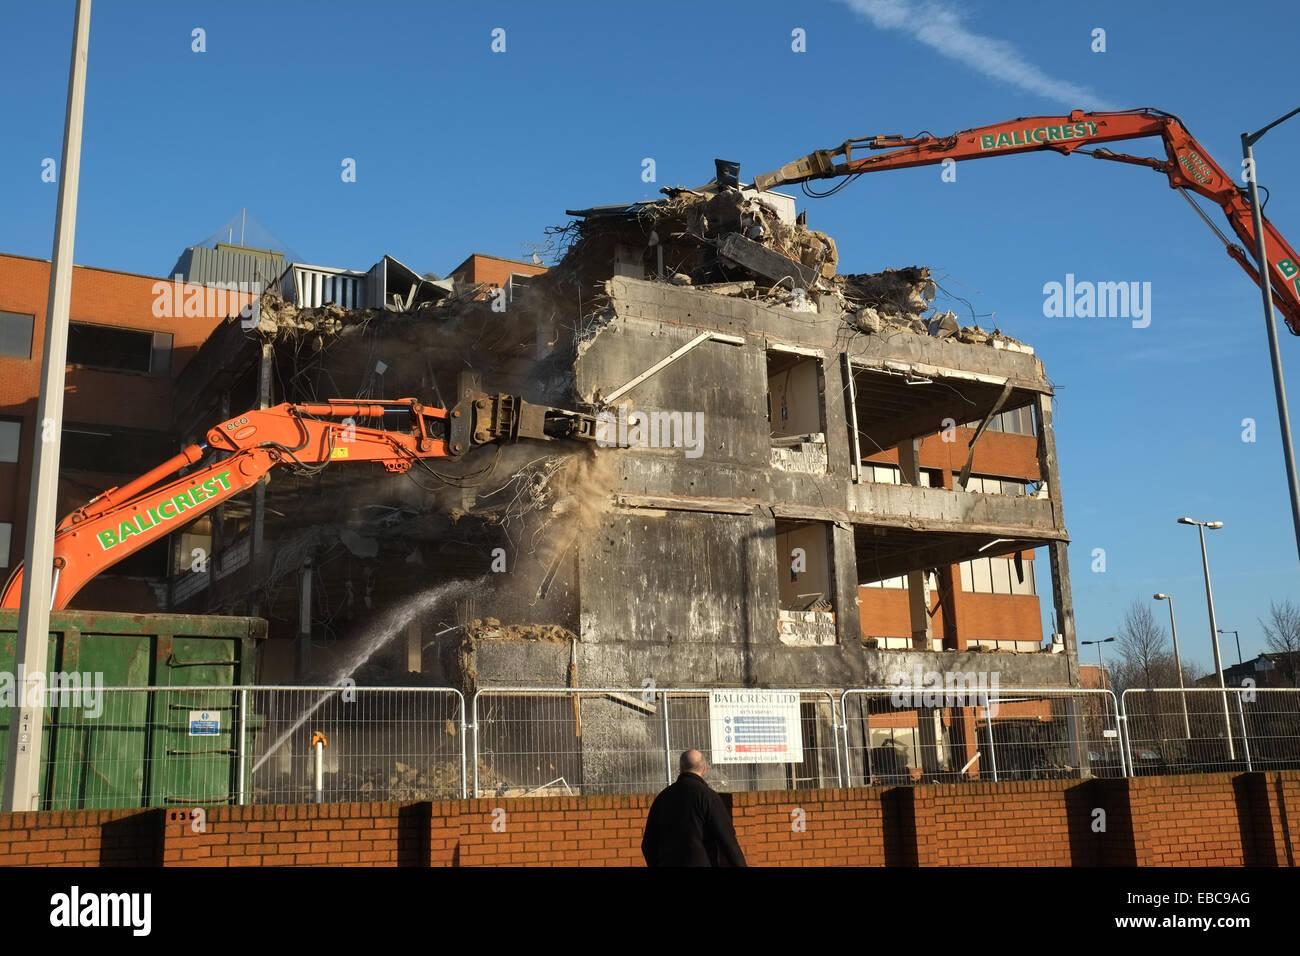 Gut gemocht Abriss - Maschinen abreißen eines Gebäudes in der Nähe von JB69